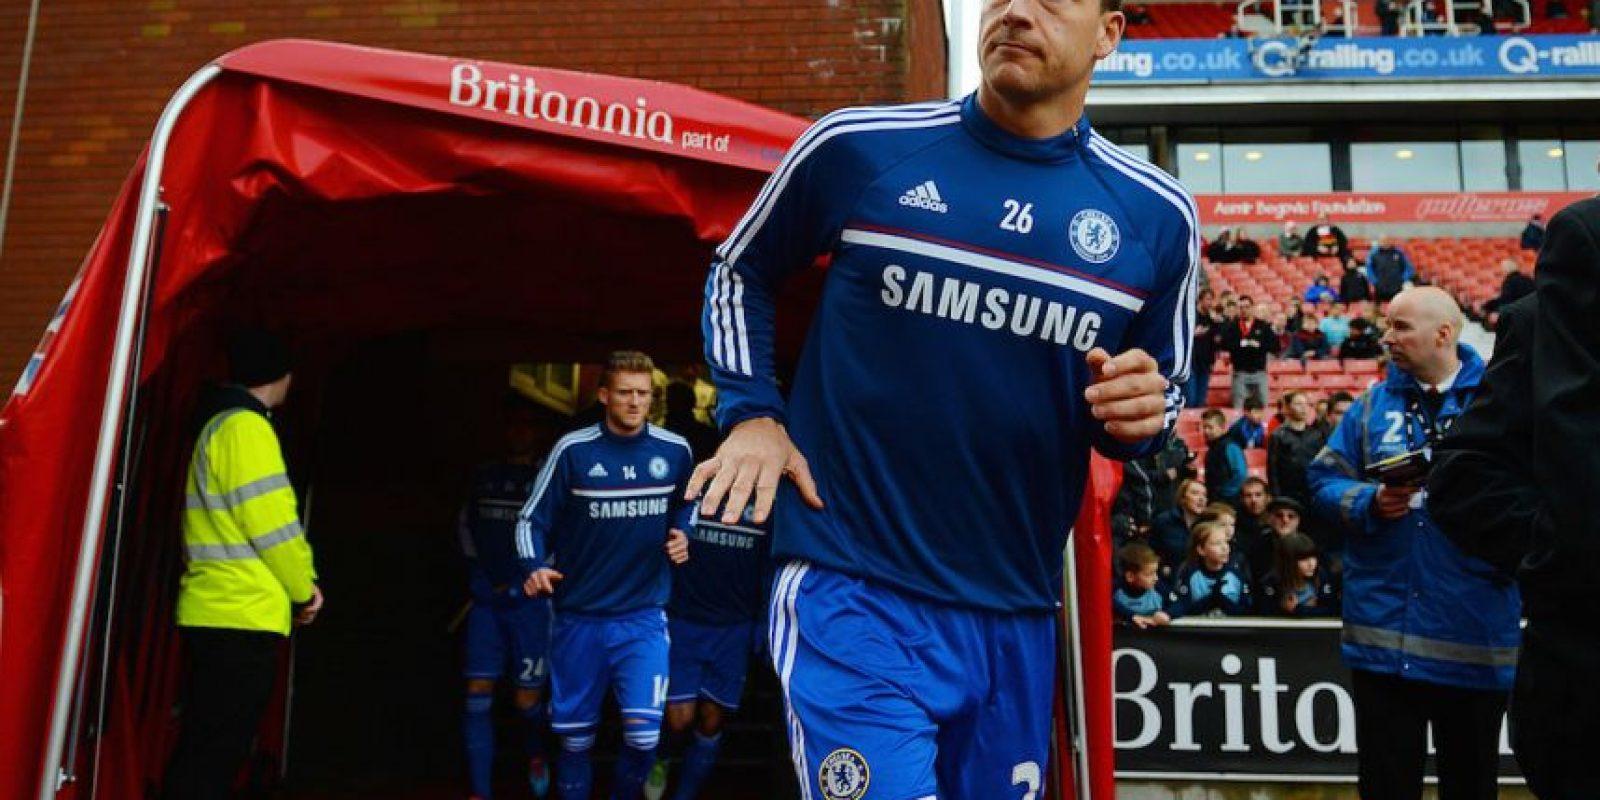 Como capitán del Chelsea de Inglaterra, John Terry ha tenido una carrera destacada, pero fuera de las canchas, los escándalos han empañado su trayectoria. Aquí recordamos algunos de ellos. Foto:Getty Images